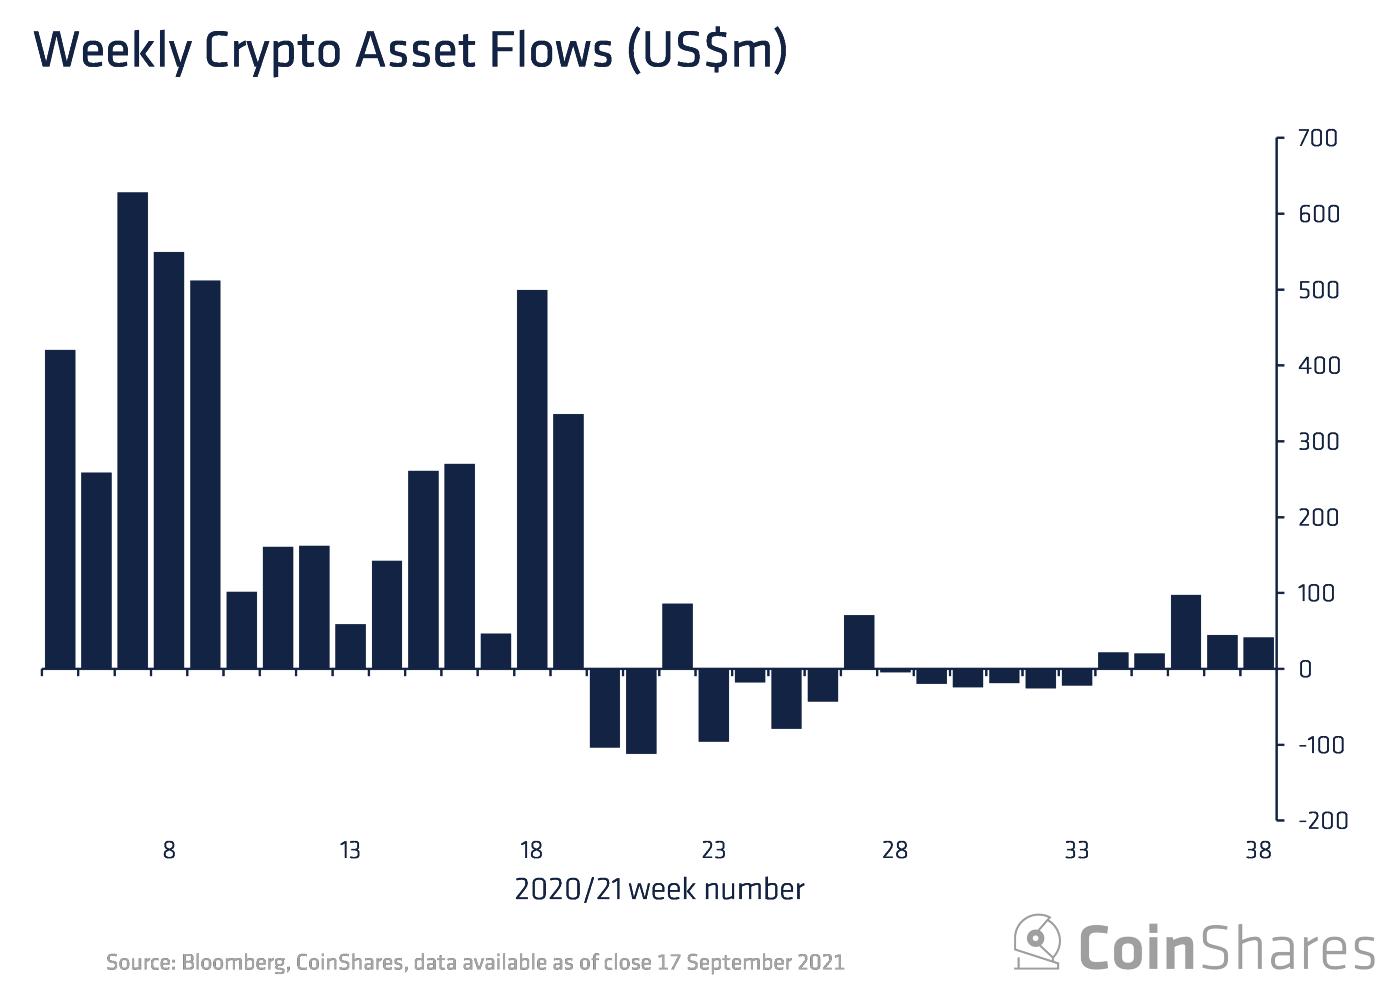 •Bitcoin przyjął w tygodniu 15,3 mln dodatkowych środków, a ether 6,6 mln dol.